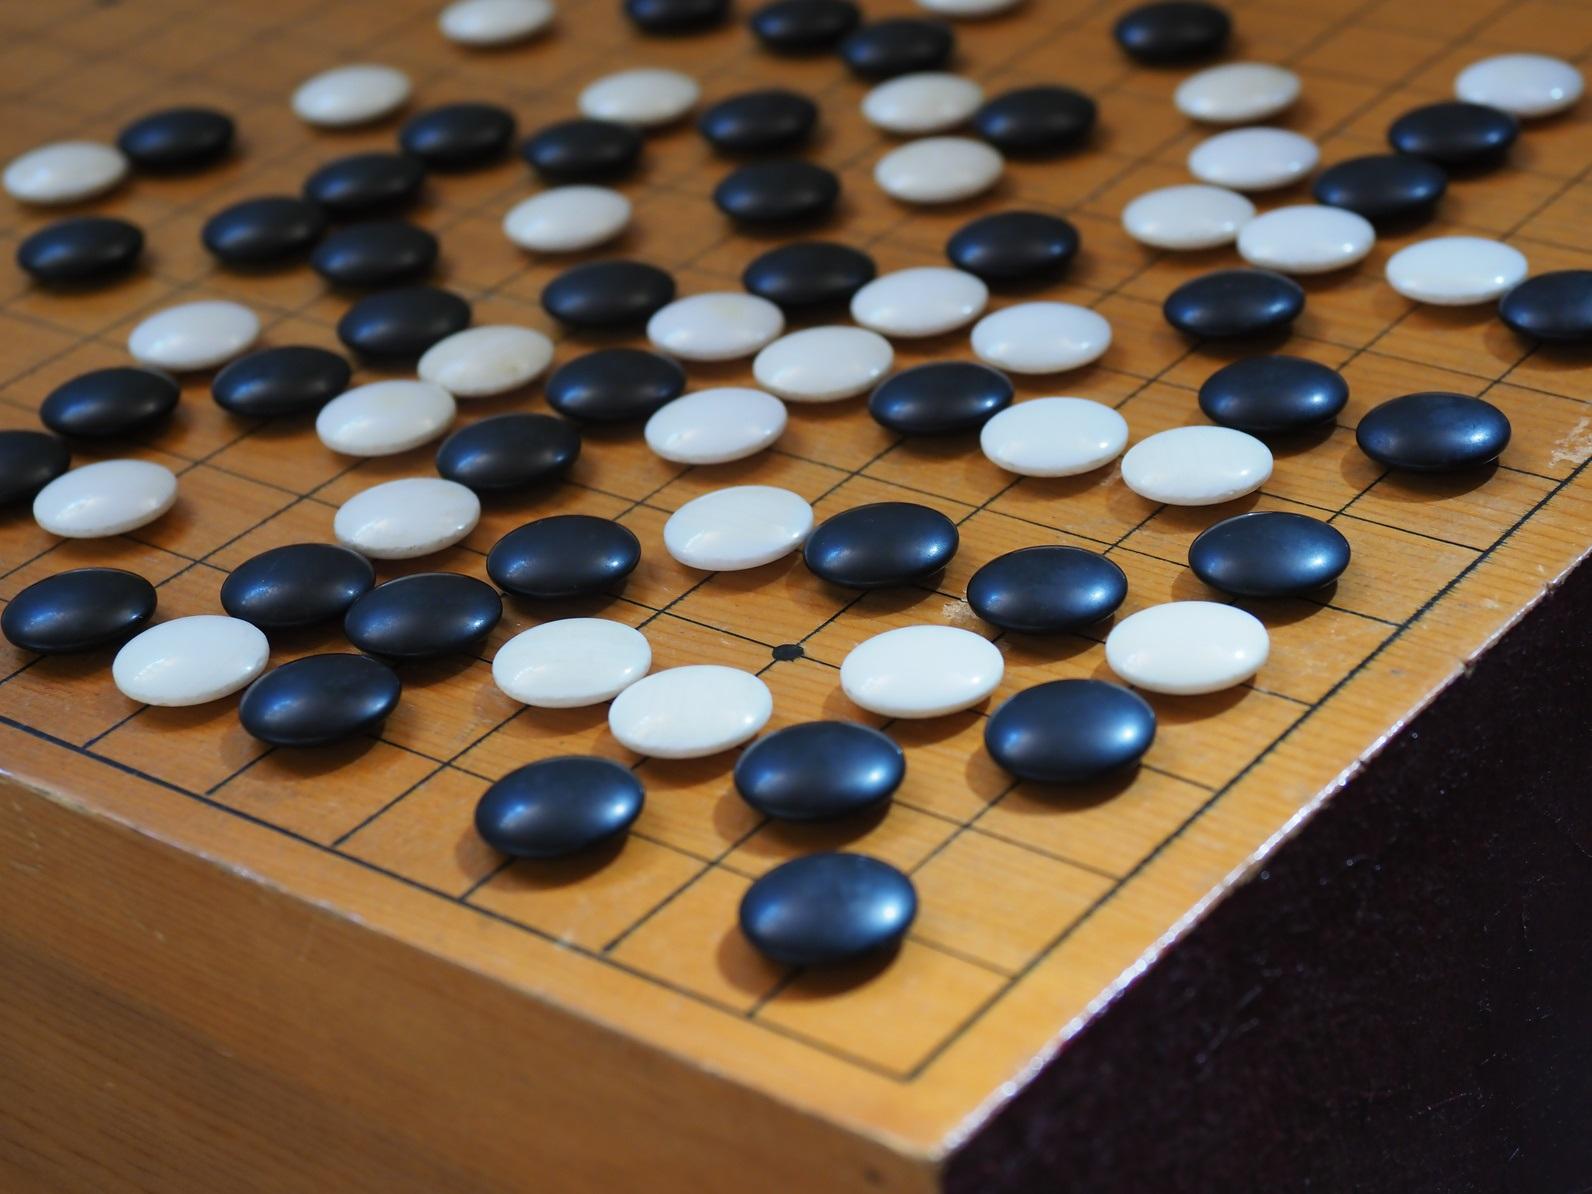 アルファ碁が人間を破ったのは衝撃的だった